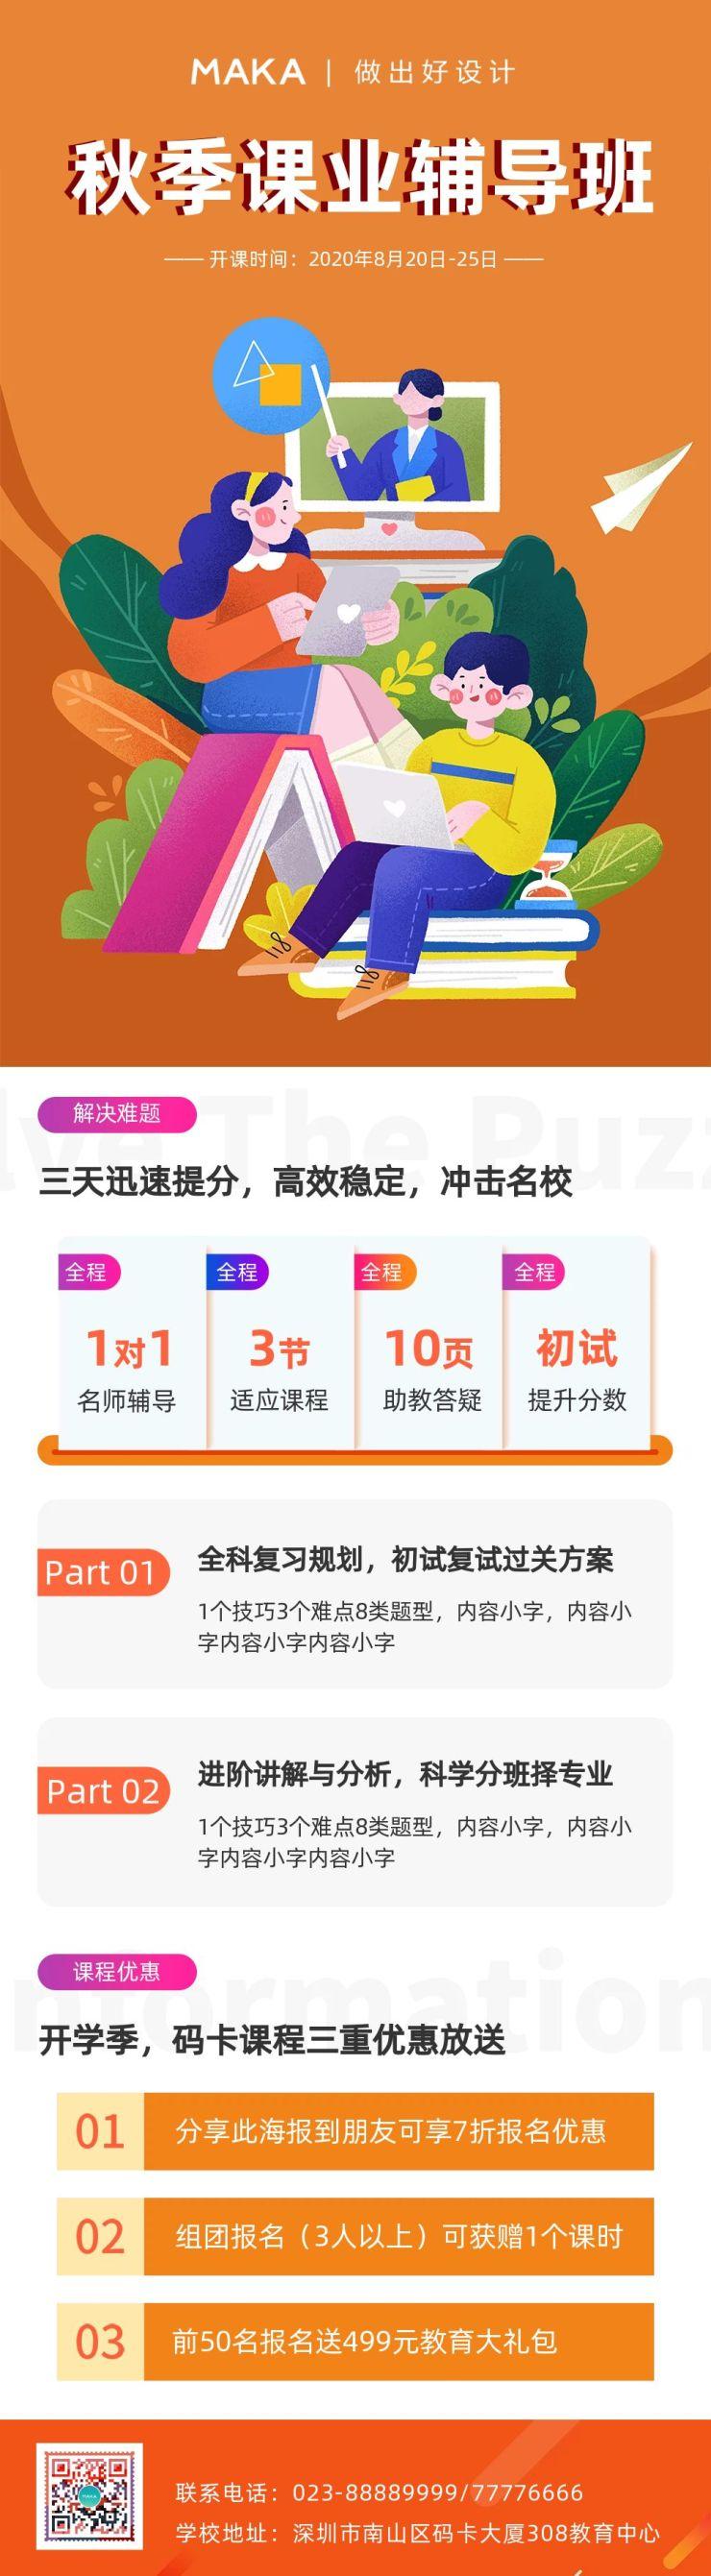 橙色卡通中小学秋季课业辅导班促销宣传招生长图